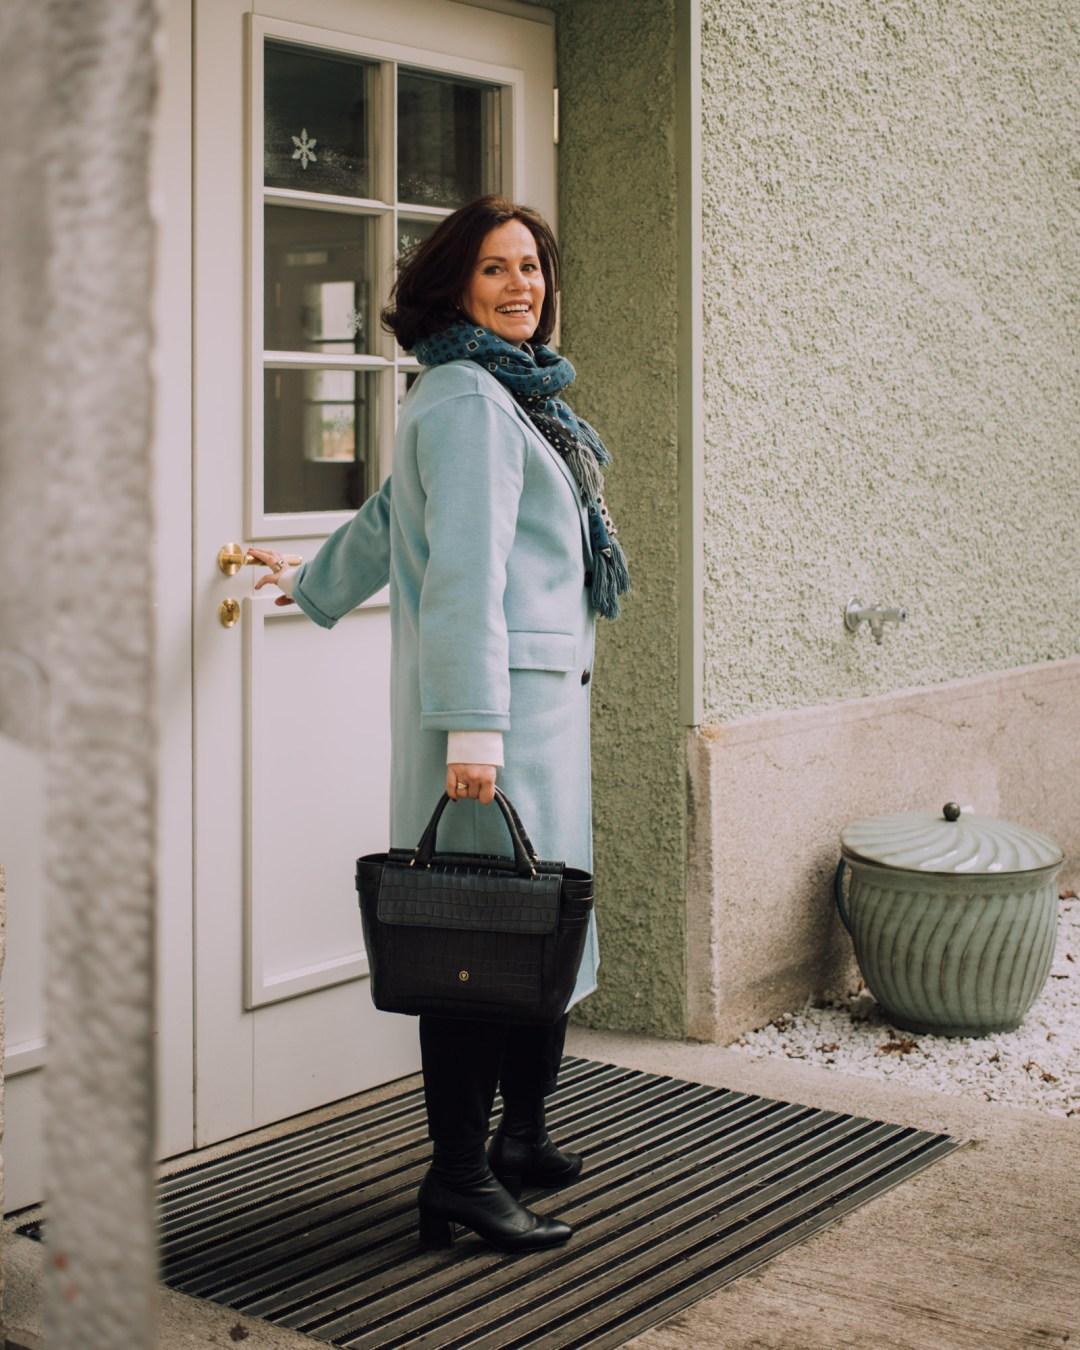 Inastil, Maxwell Scott, Ü50Blog, Businesstasche, Salzburg, Modeblog, Styleover50, Stilberatung, Wintermode, Citymode, Wollmantel, blau,_-2